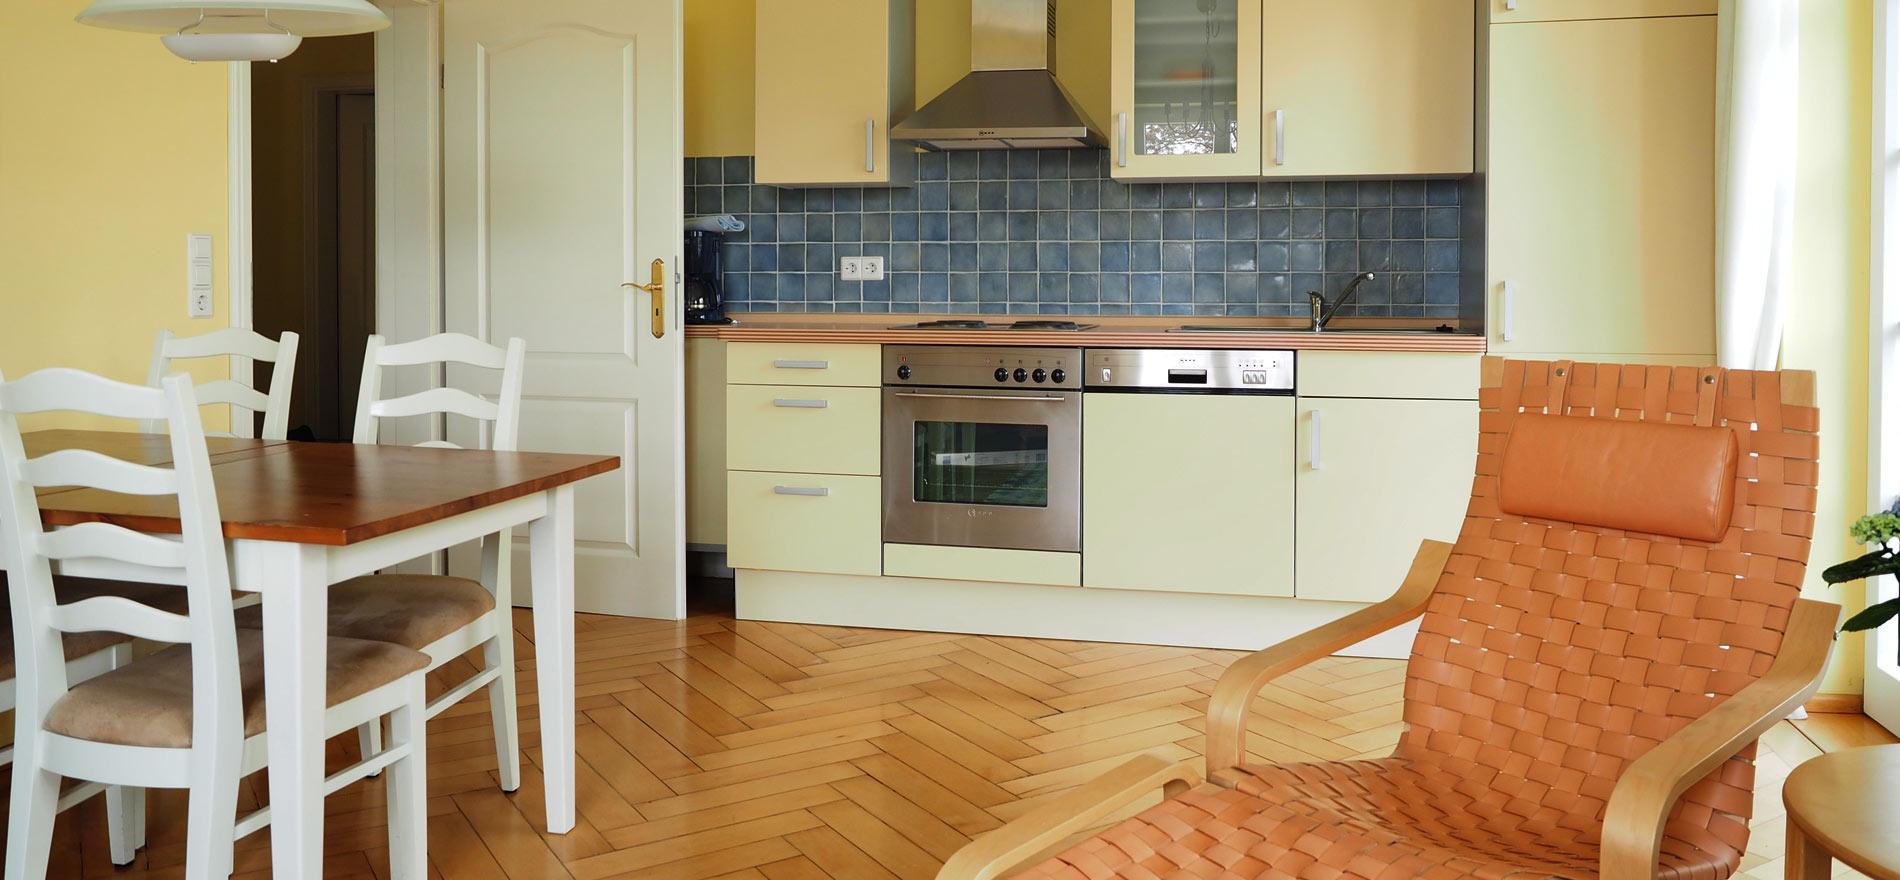 Ferienwohnung Pfarrhaus in Meersburg - Wohnung 2 3